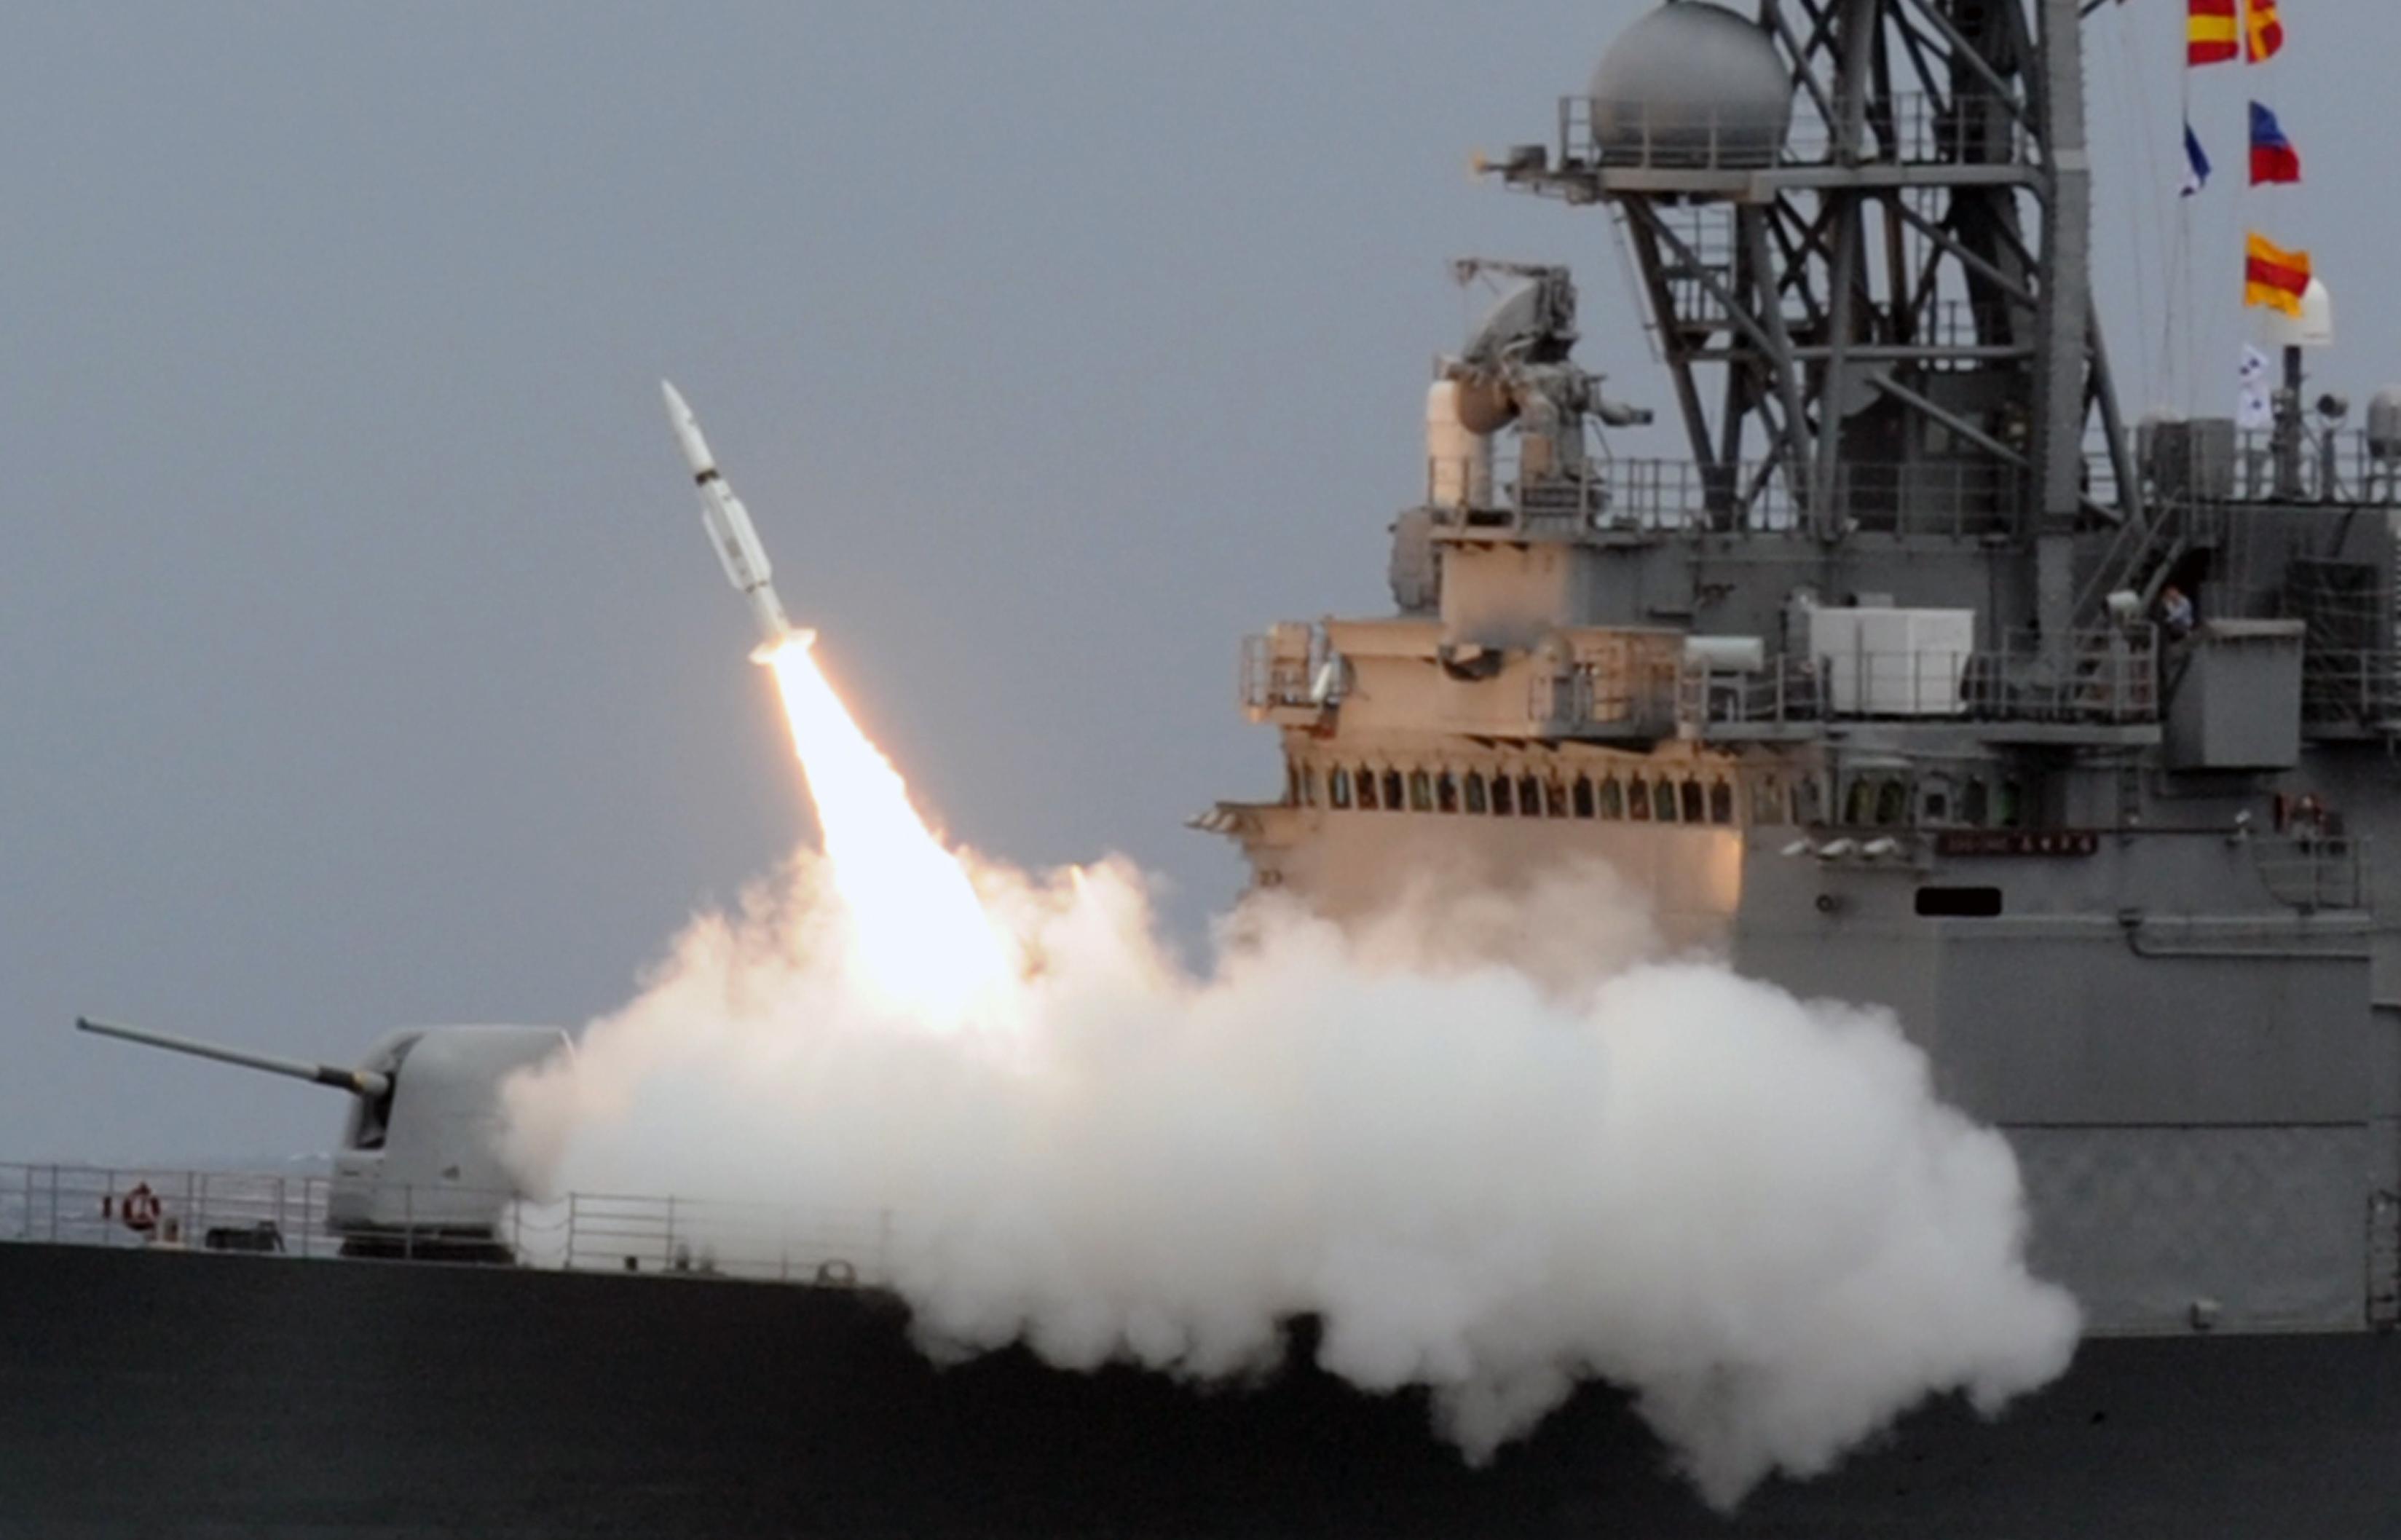 針對中共的武統台灣威脅,美國白宮國安會發言人馬奇斯(Garrett Marquis)發推文表示拒絕接受。圖為2013年9月26日,台灣一艘驅逐艦發射導彈。(SAM YEH/AFP/Getty Images)